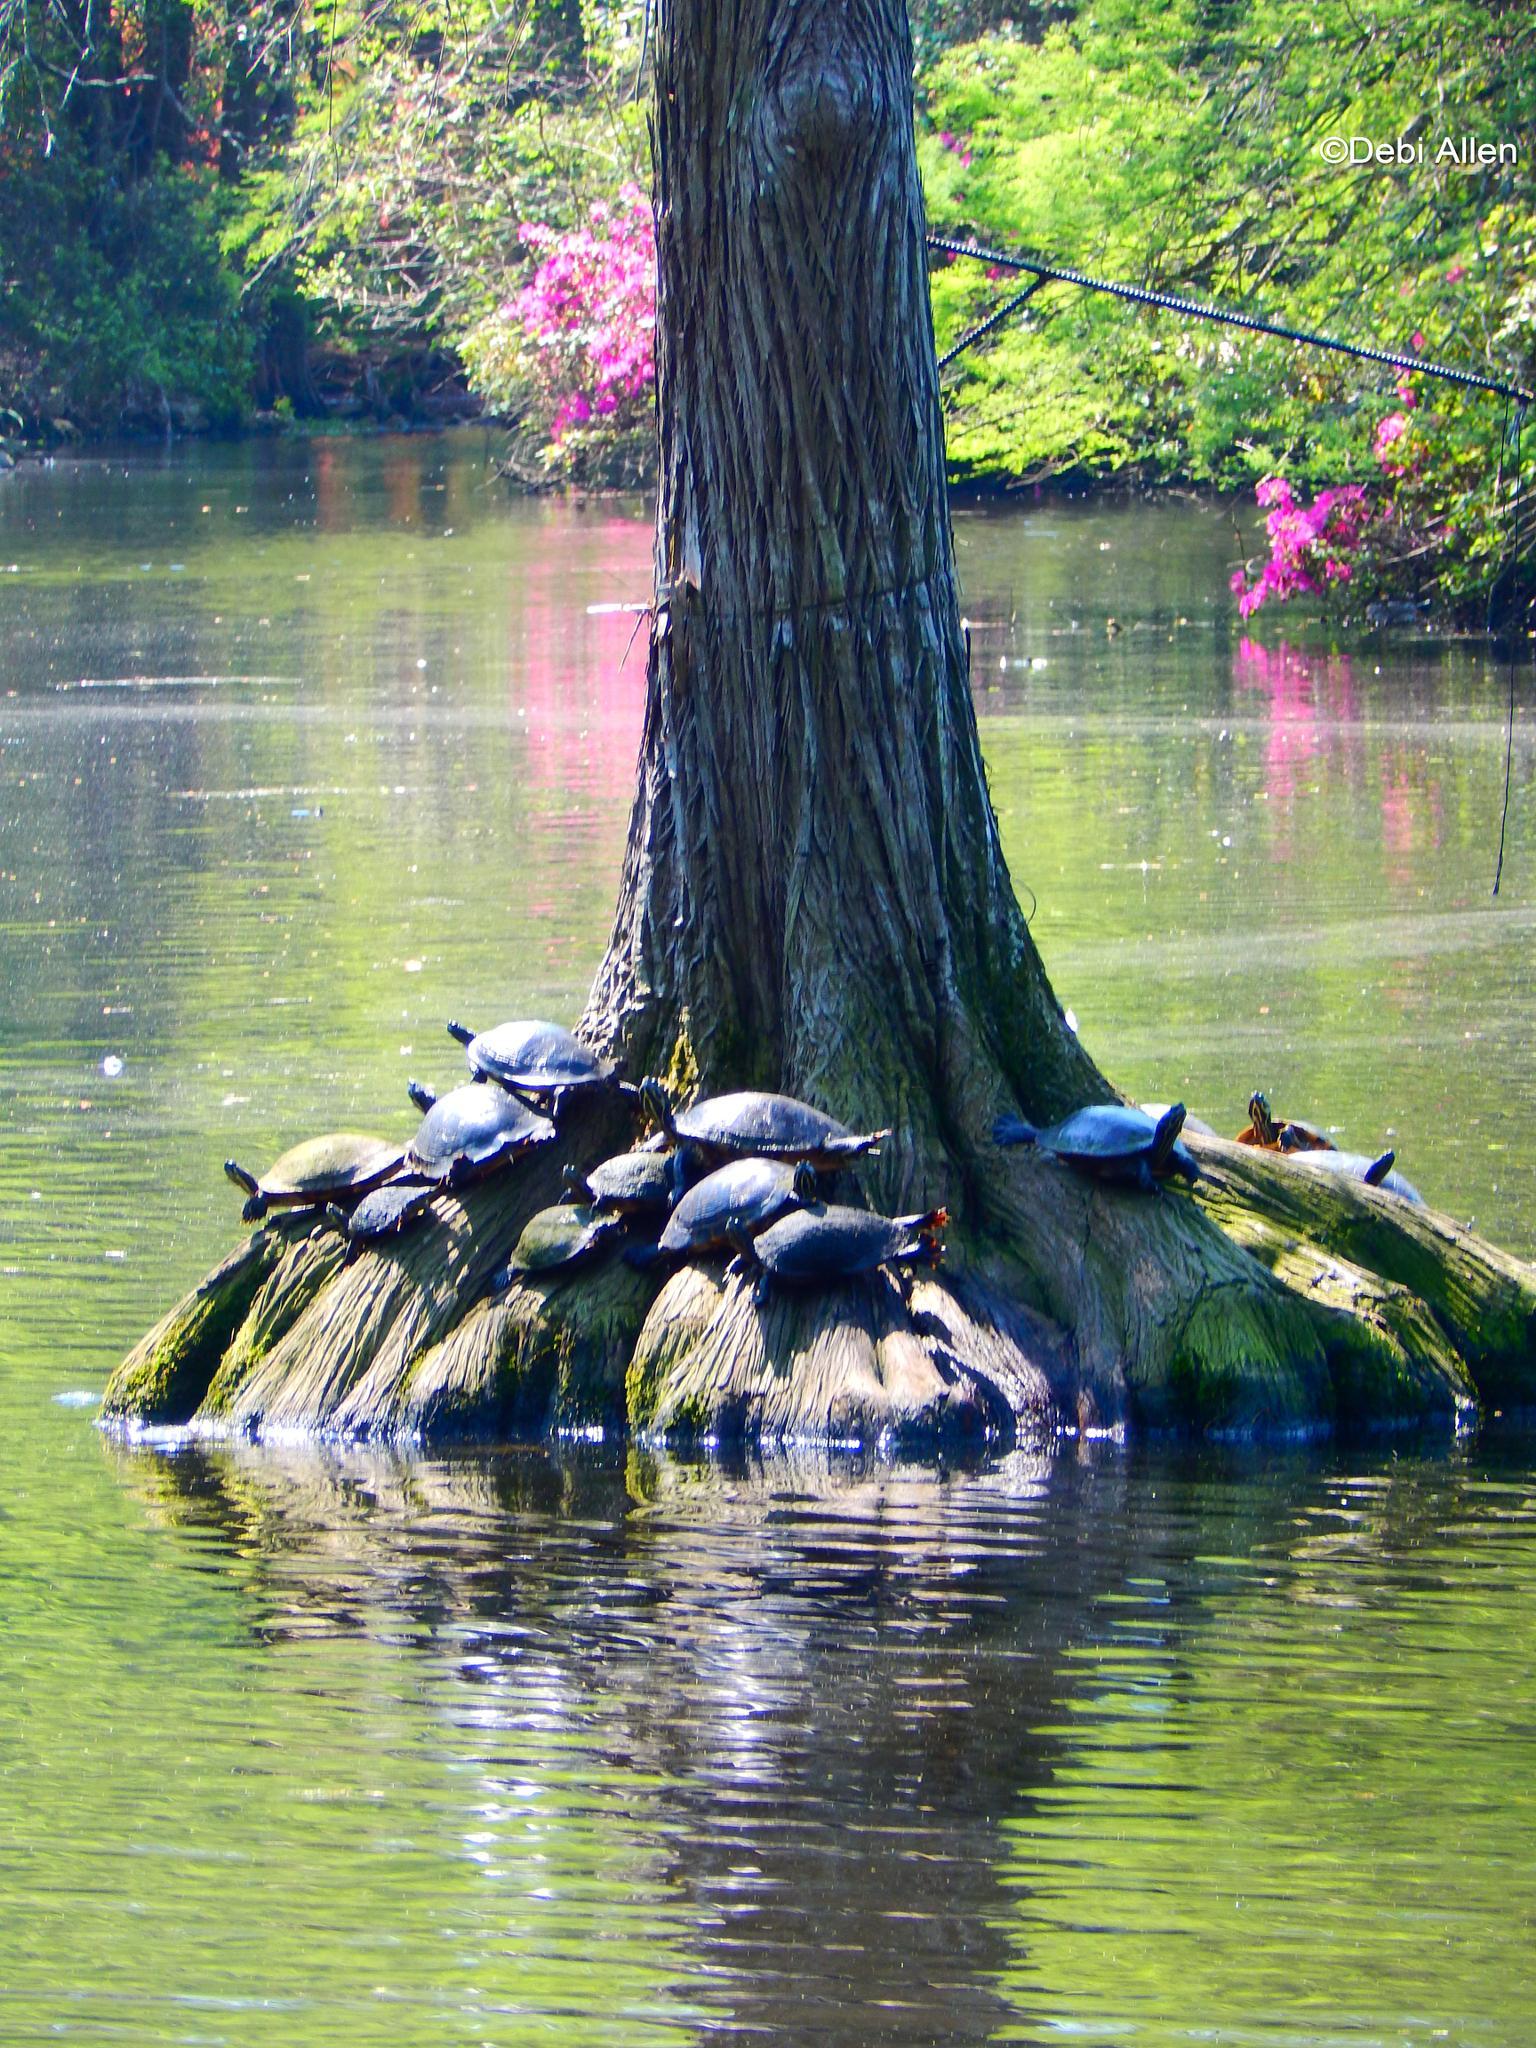 Sunning Turtles by debi.allen1